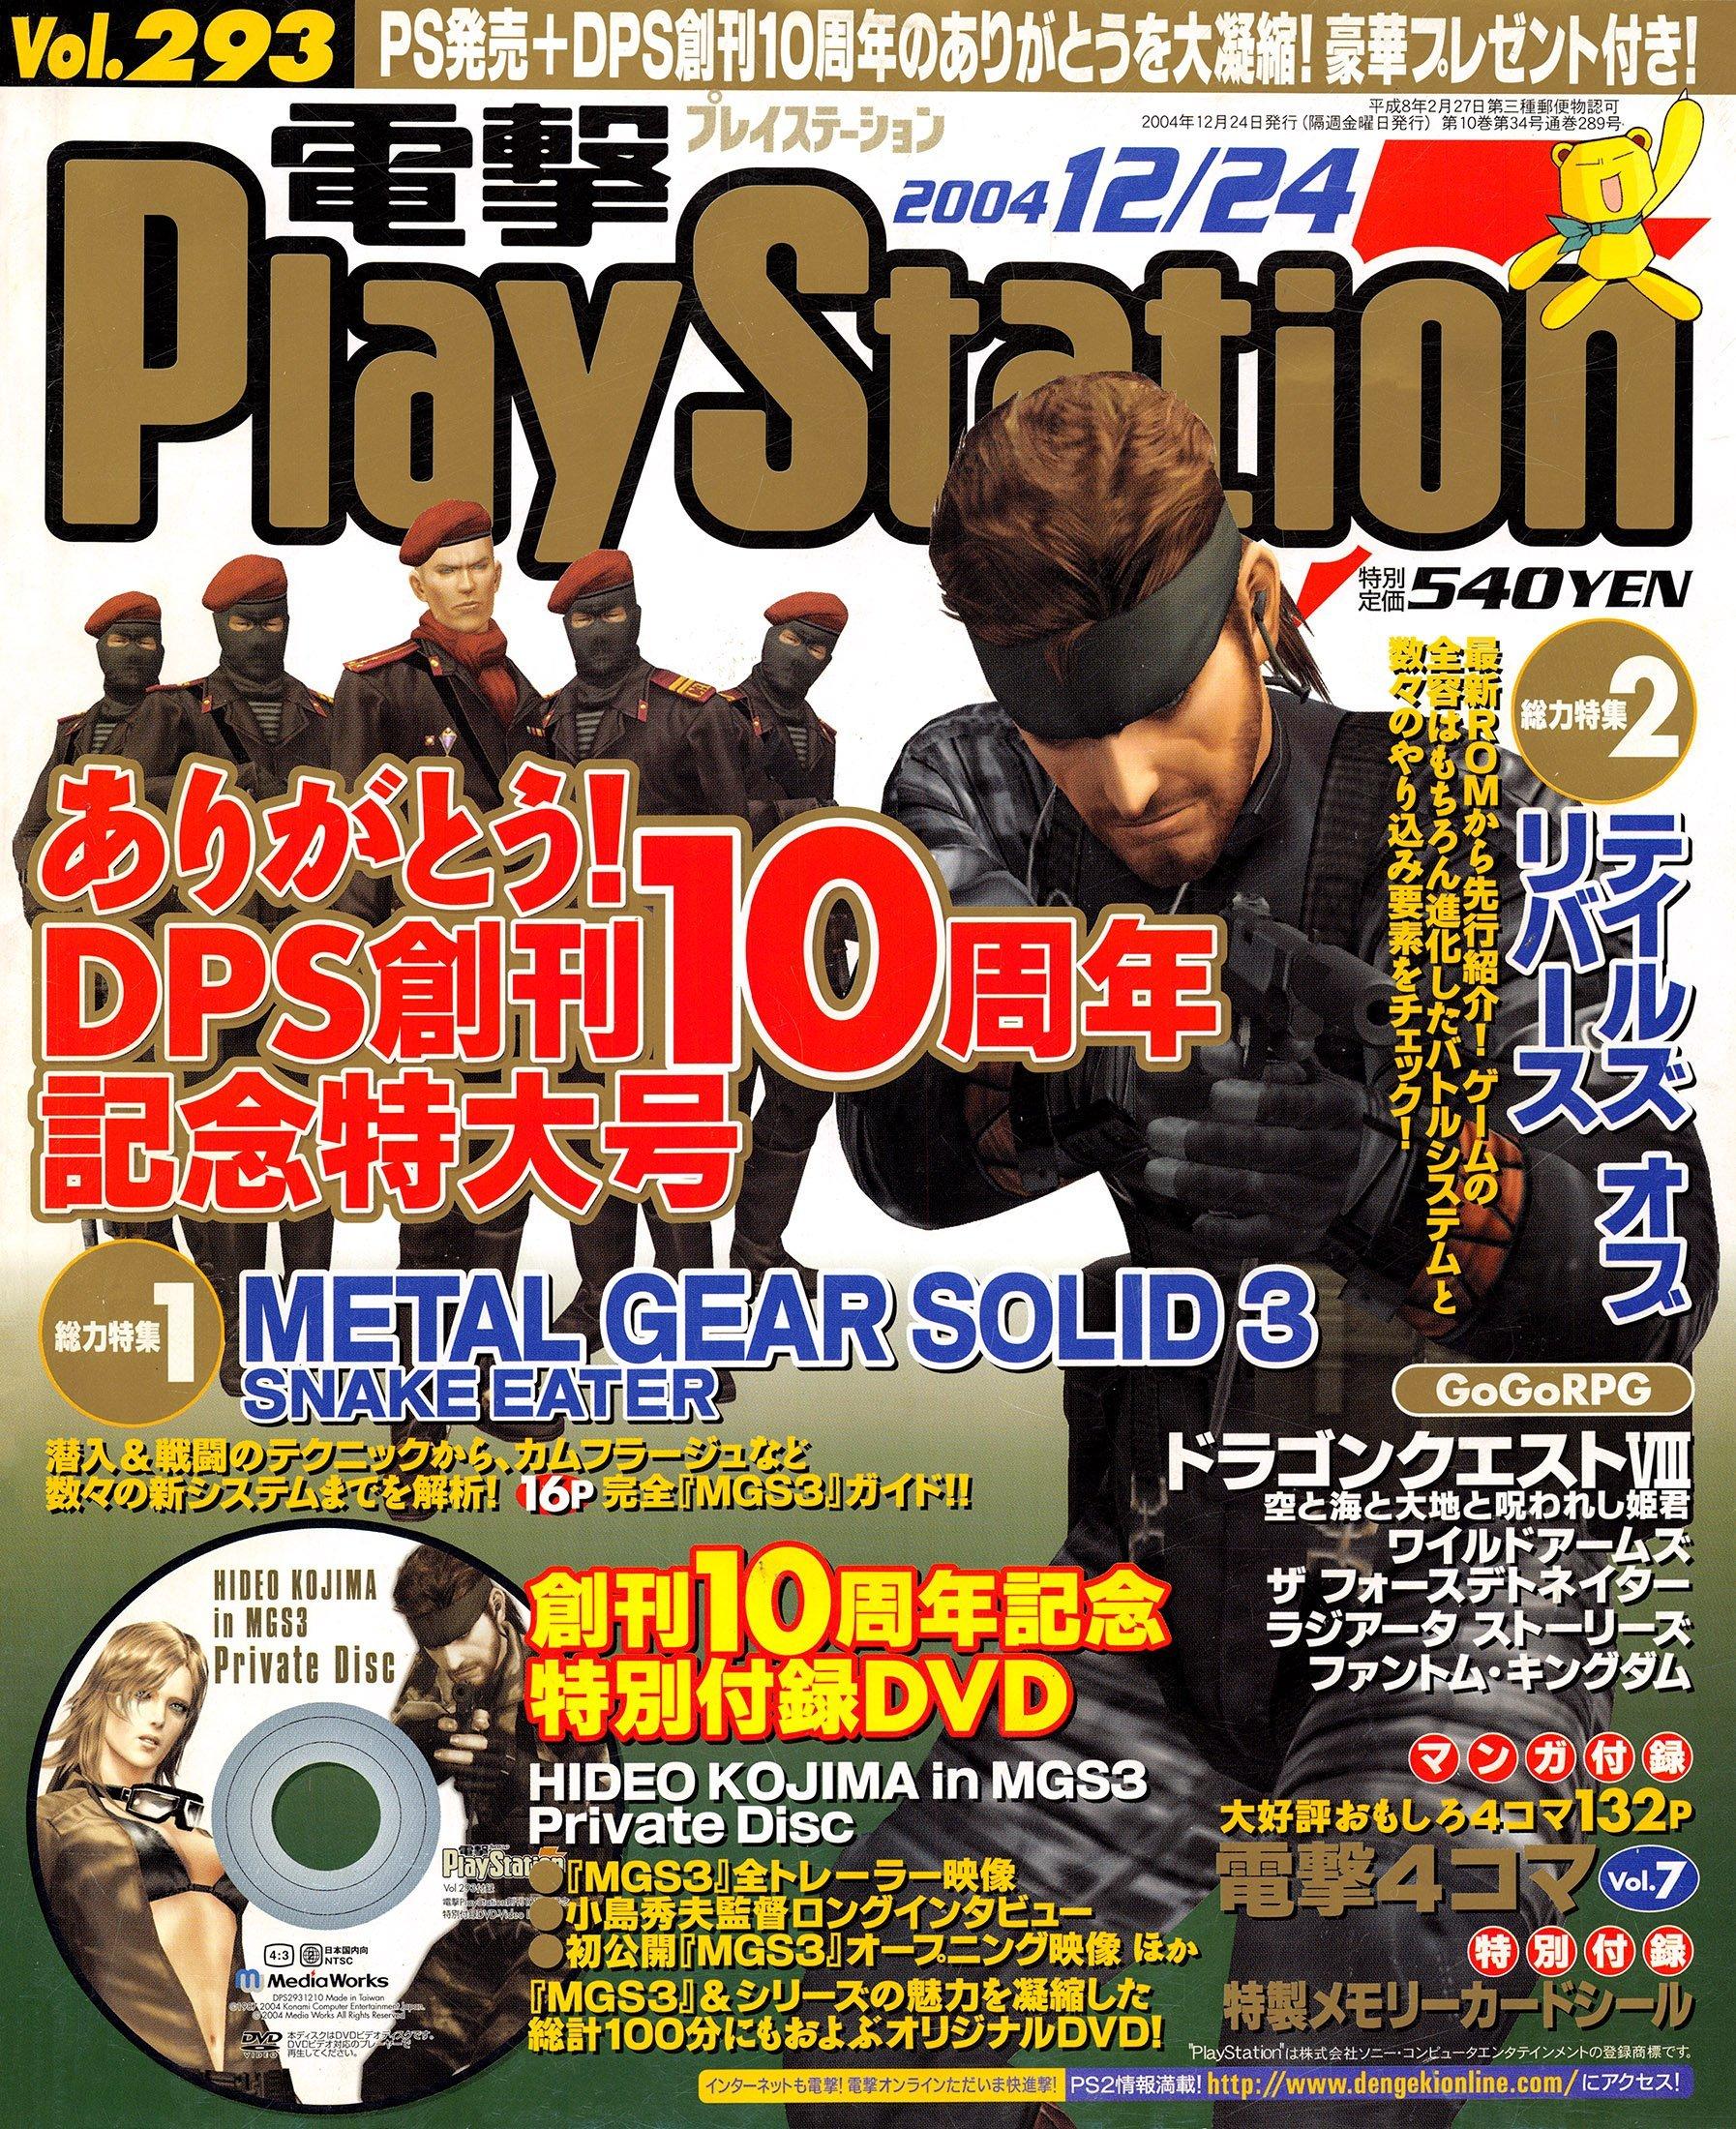 Dengeki PlayStation 293 (December 24, 2004)